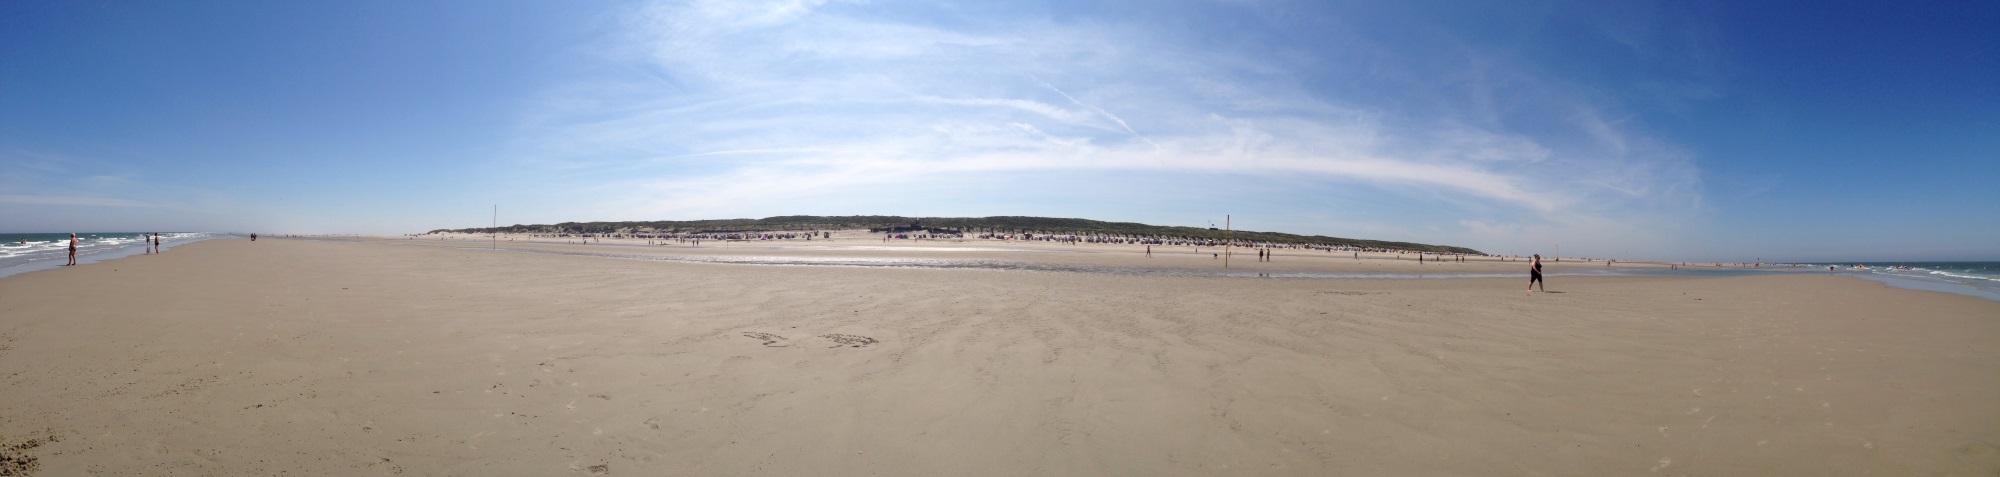 Spiekeroog Strand Reisen